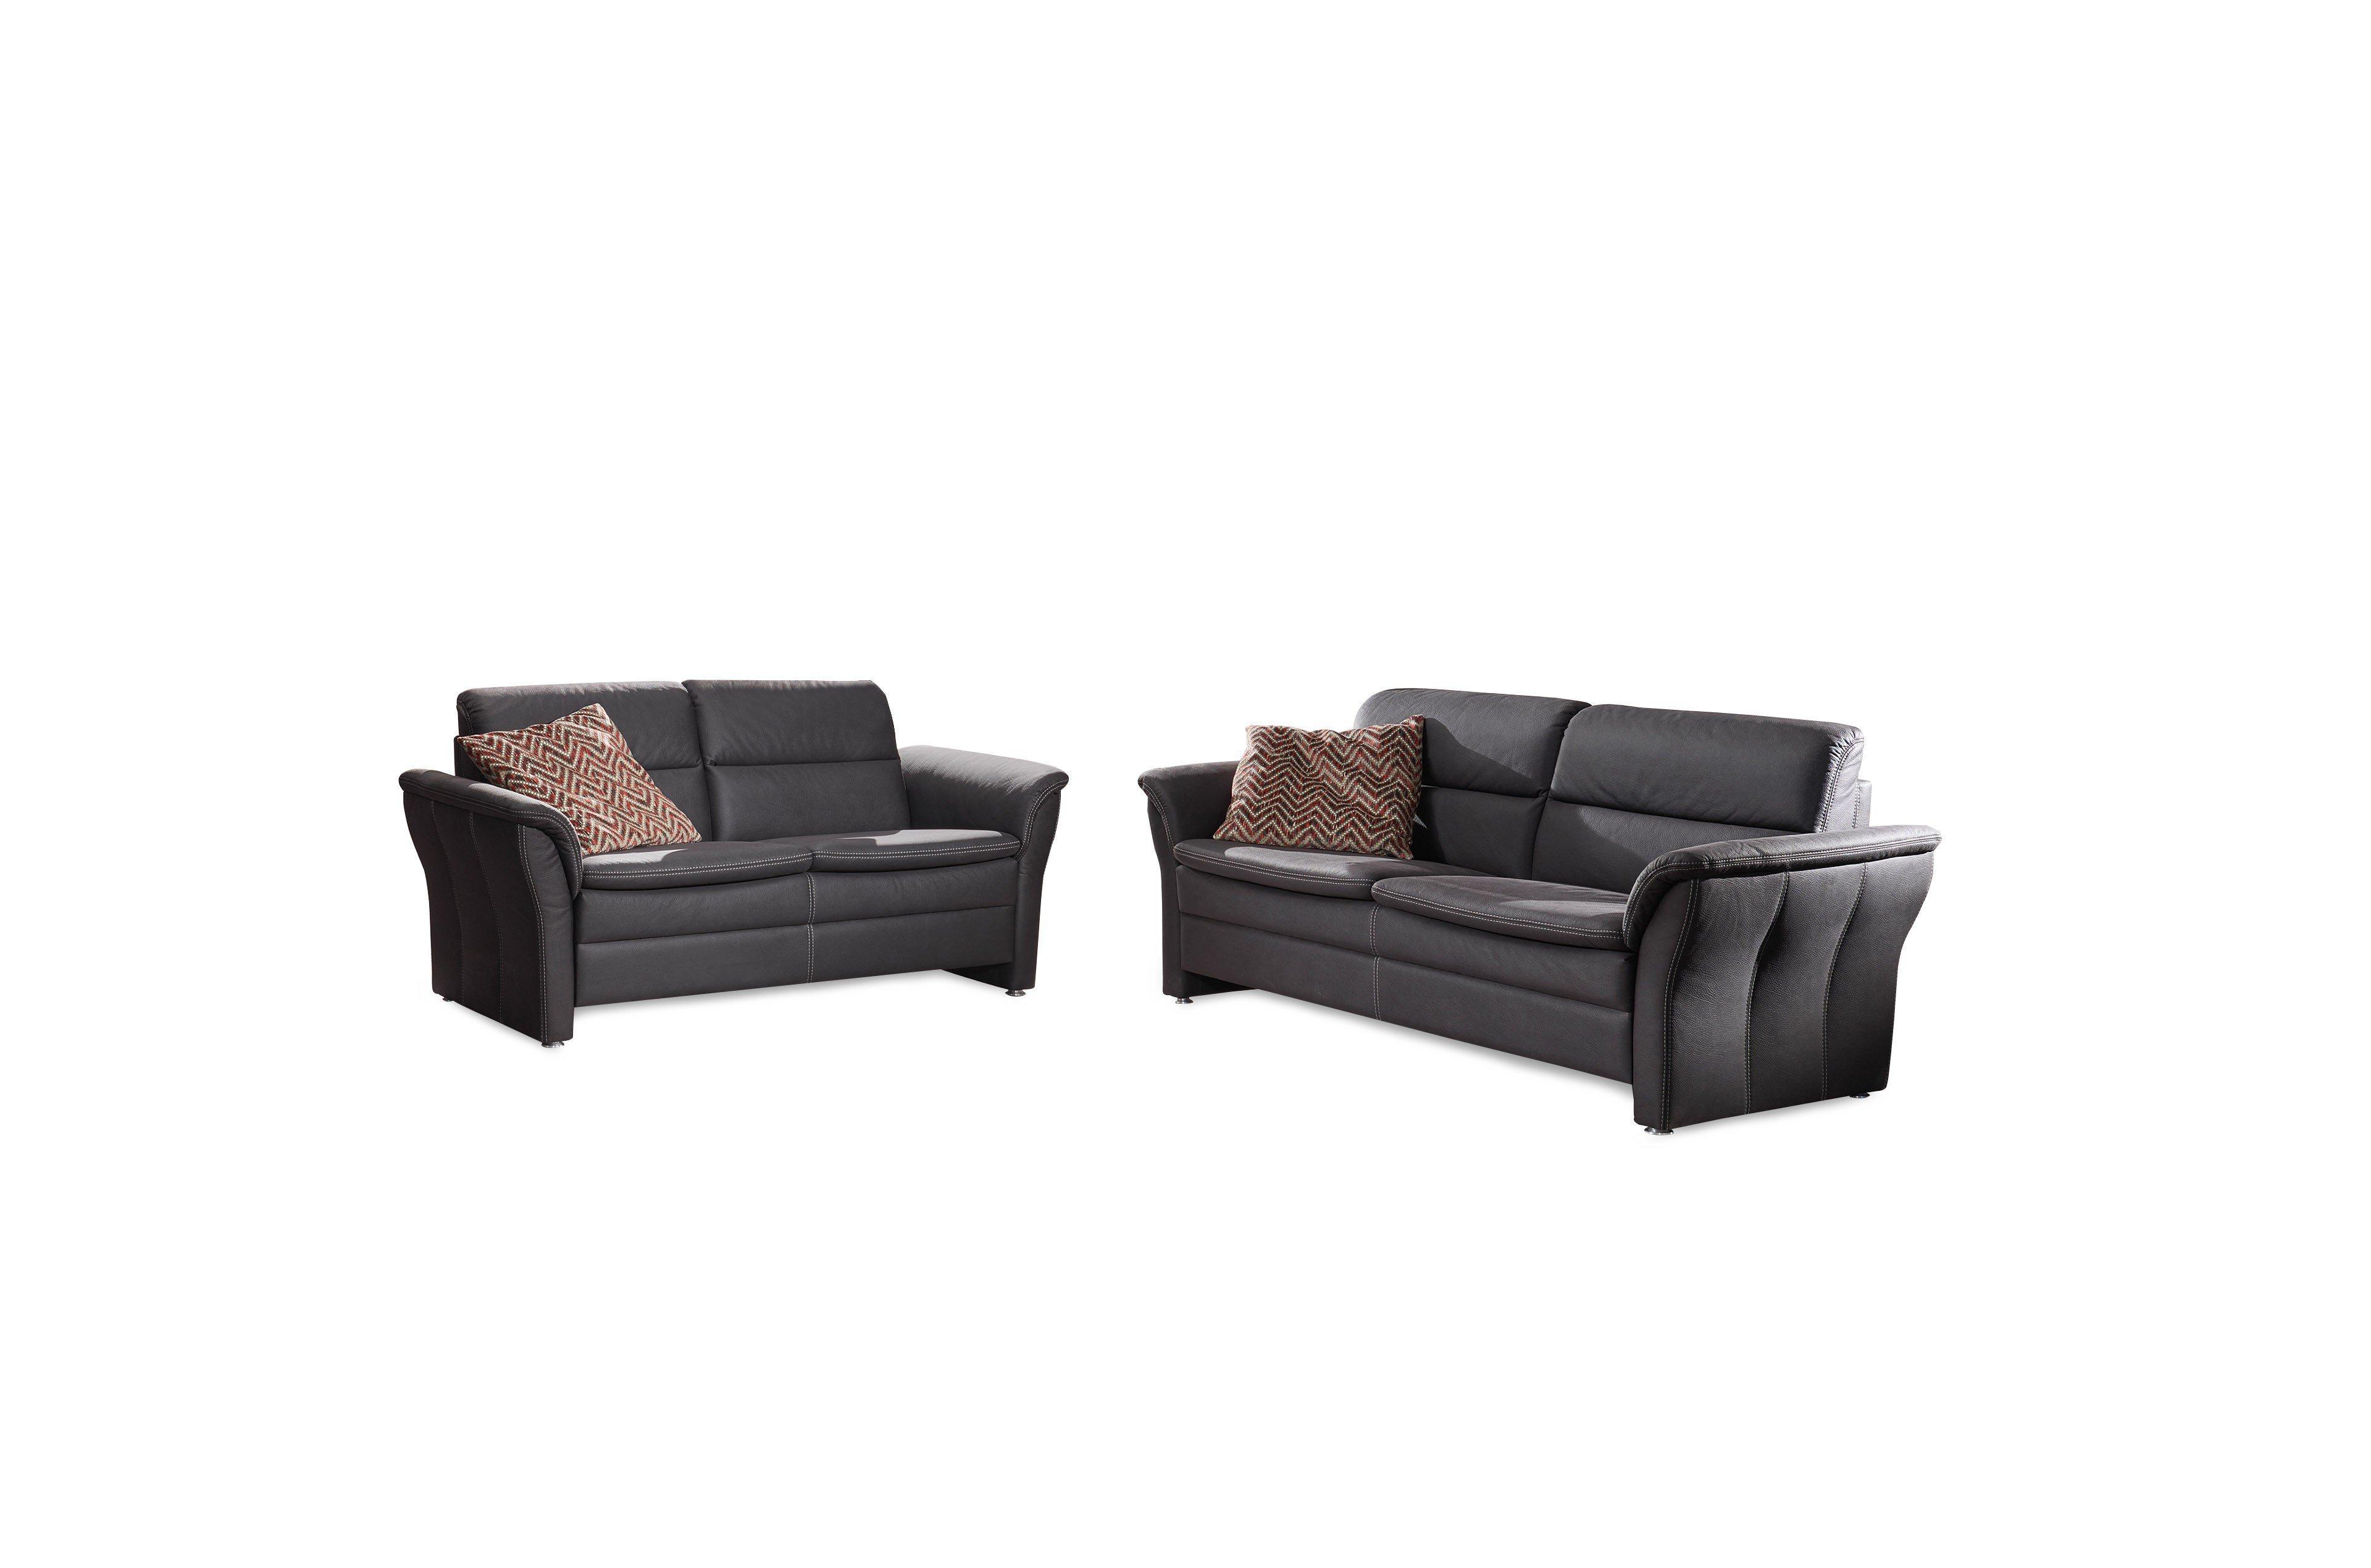 polstermbel bielefeld interesting top ergebnis sofa l form klein polstermbel u form hyt with. Black Bedroom Furniture Sets. Home Design Ideas